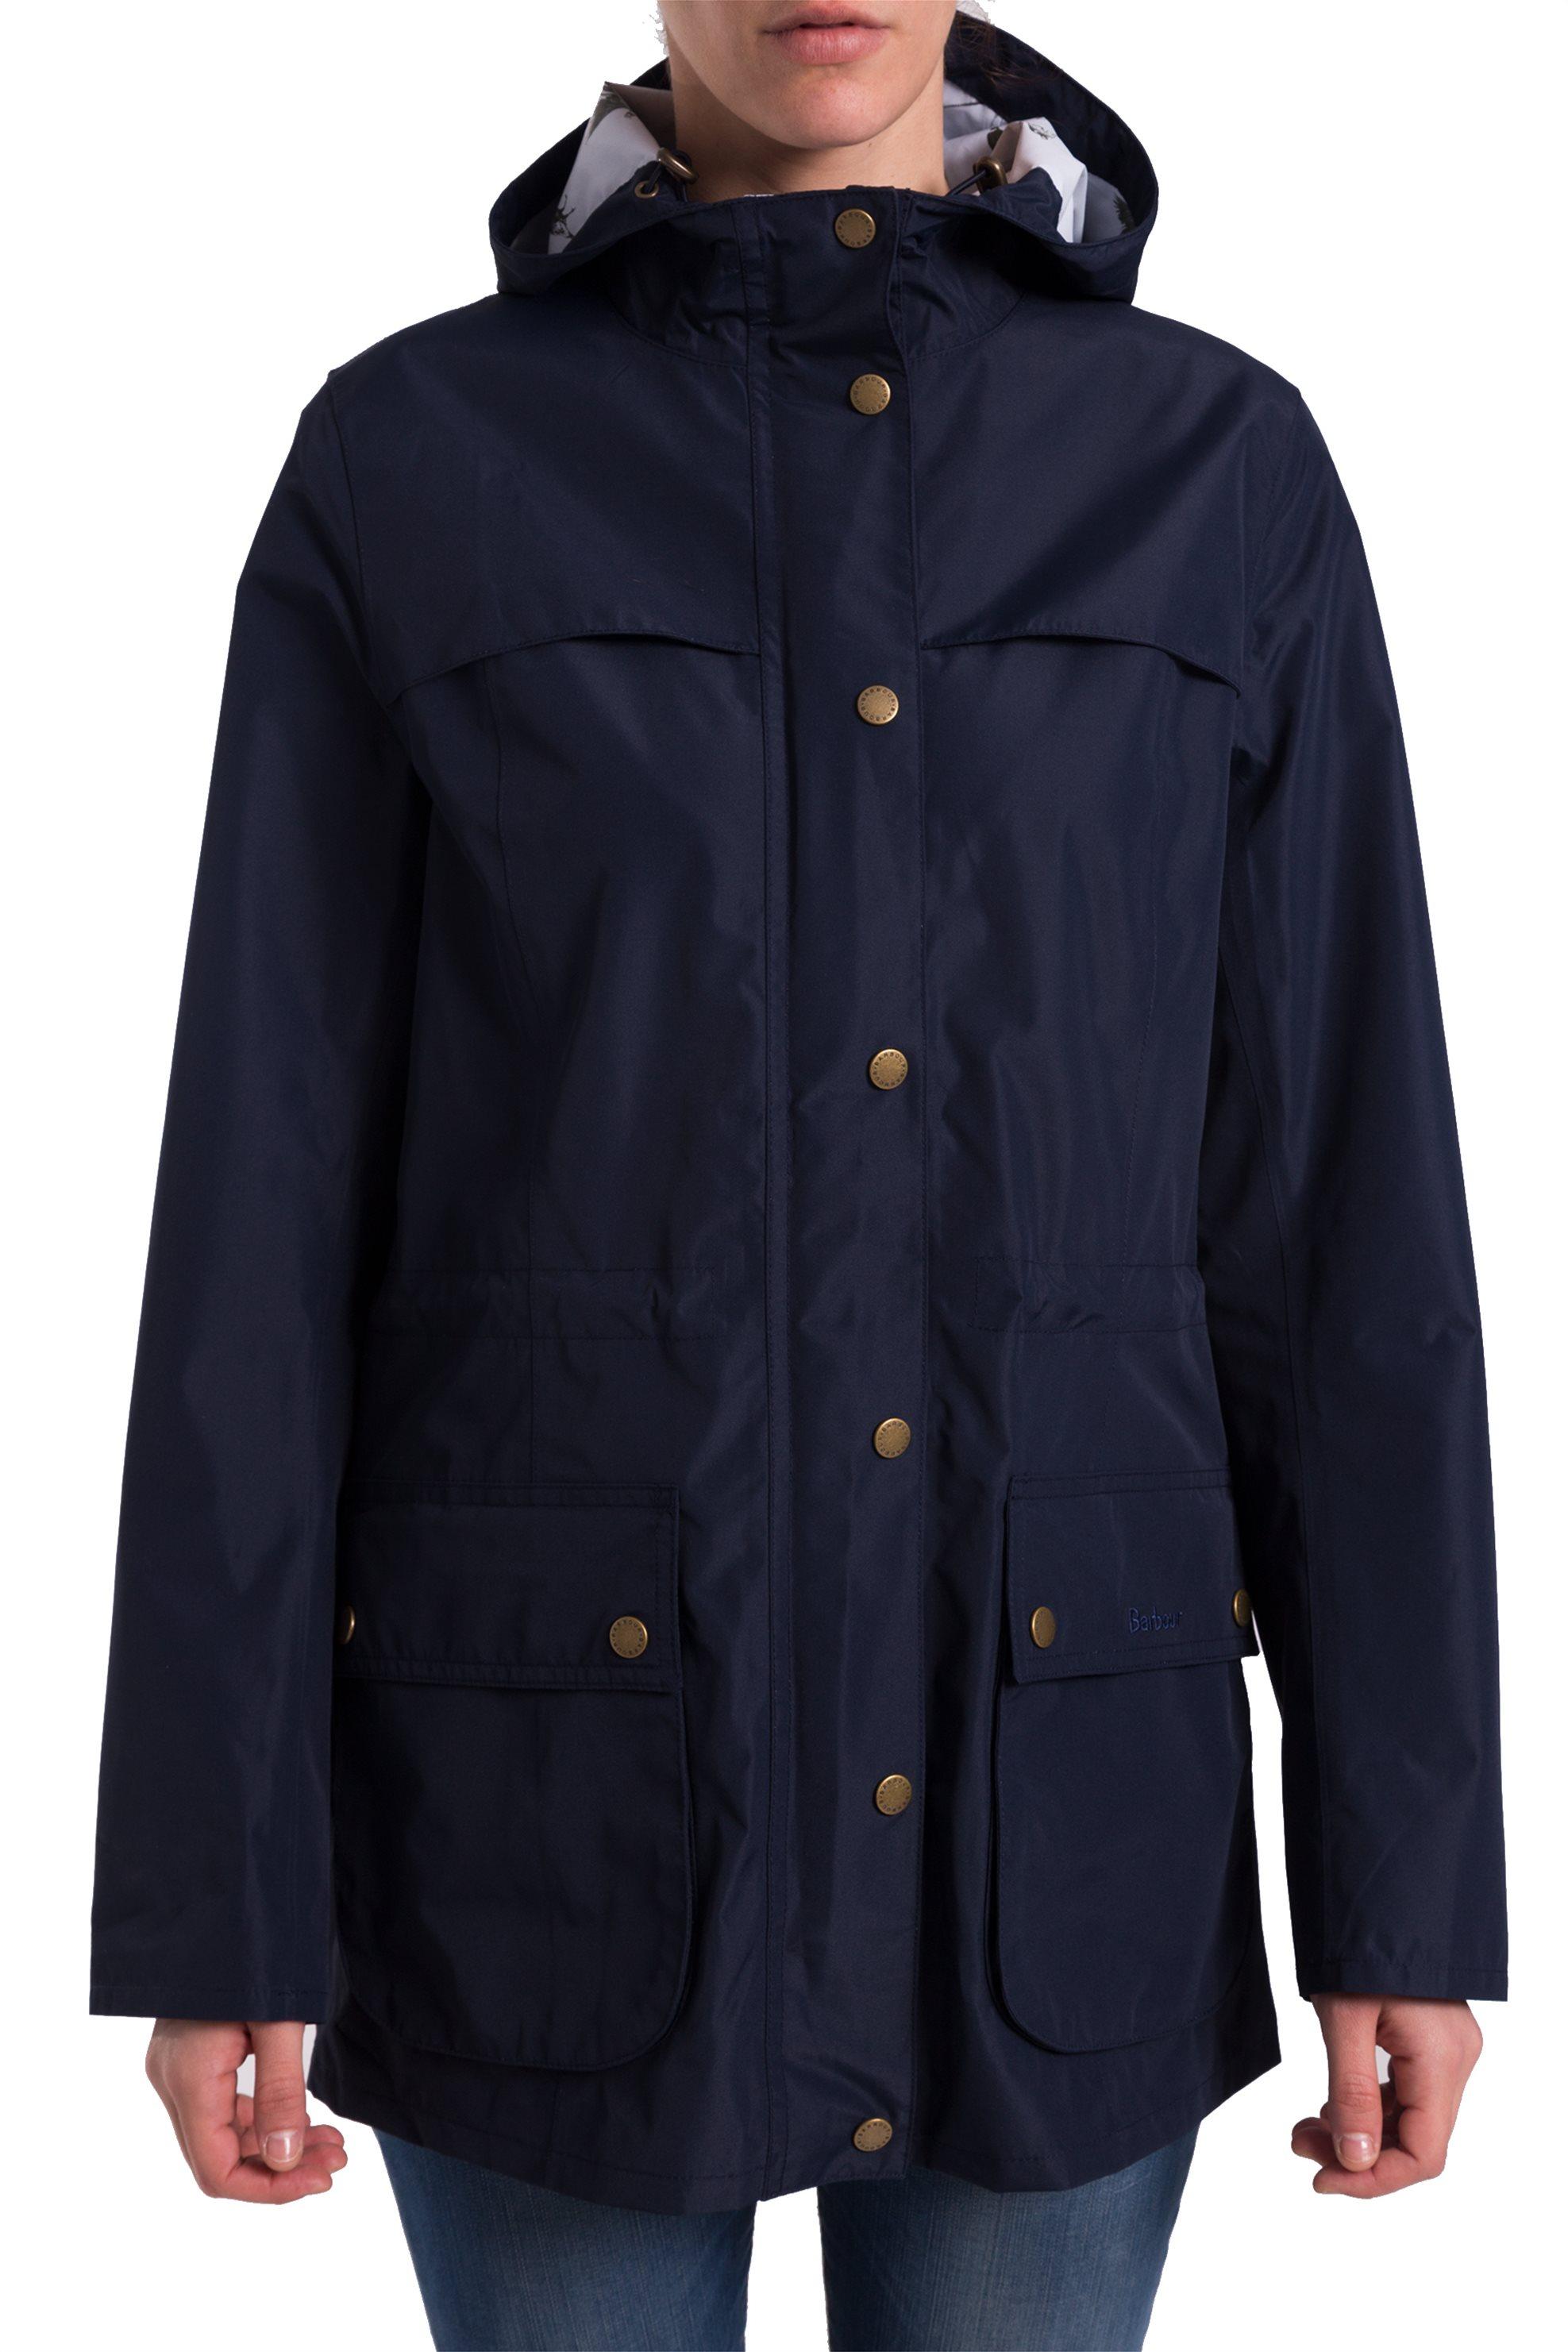 Γυναικείο αδιάβροχο μπουφάν Brimhham με κουκούλα Barbour - LWB0466 - Μπλε  Σκούρο 6cebd0a318d